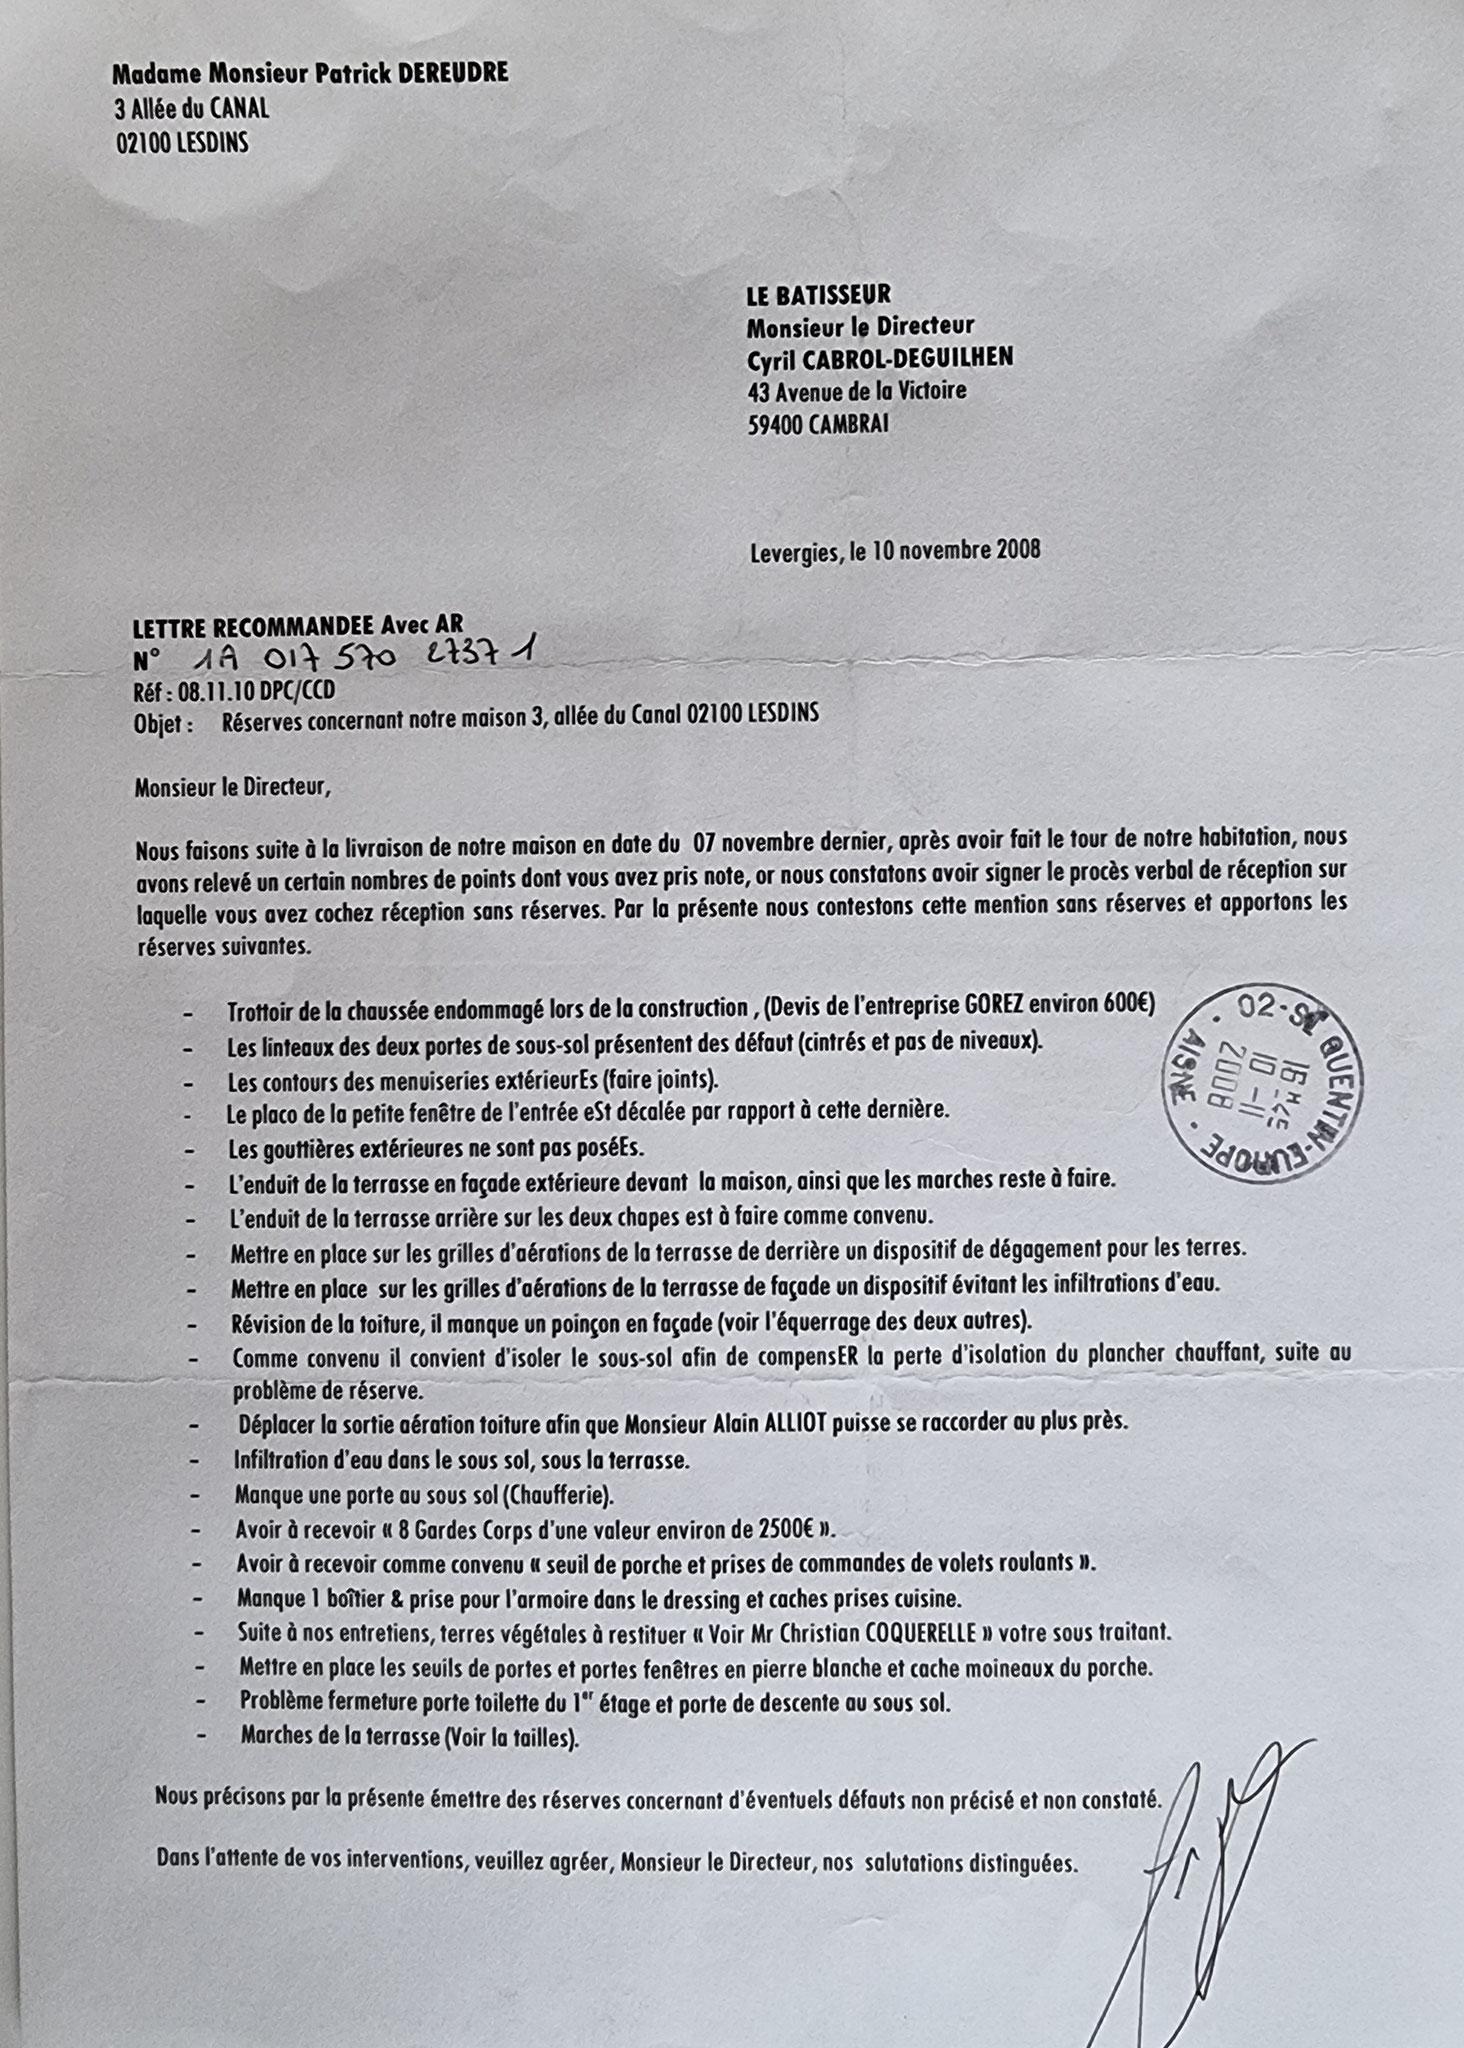 En date du 01 Décembre 2009, j'adresse une deuxième LRAR à Monsieur Cyril CABROL le Directeur de notre constructeur LE BATISSEUR à CAMBRAI entreprise aujourd'hui en faillite www.jenesuispasunchien.fr www.jesuispatrick.fr www.jesuisvictime.fr